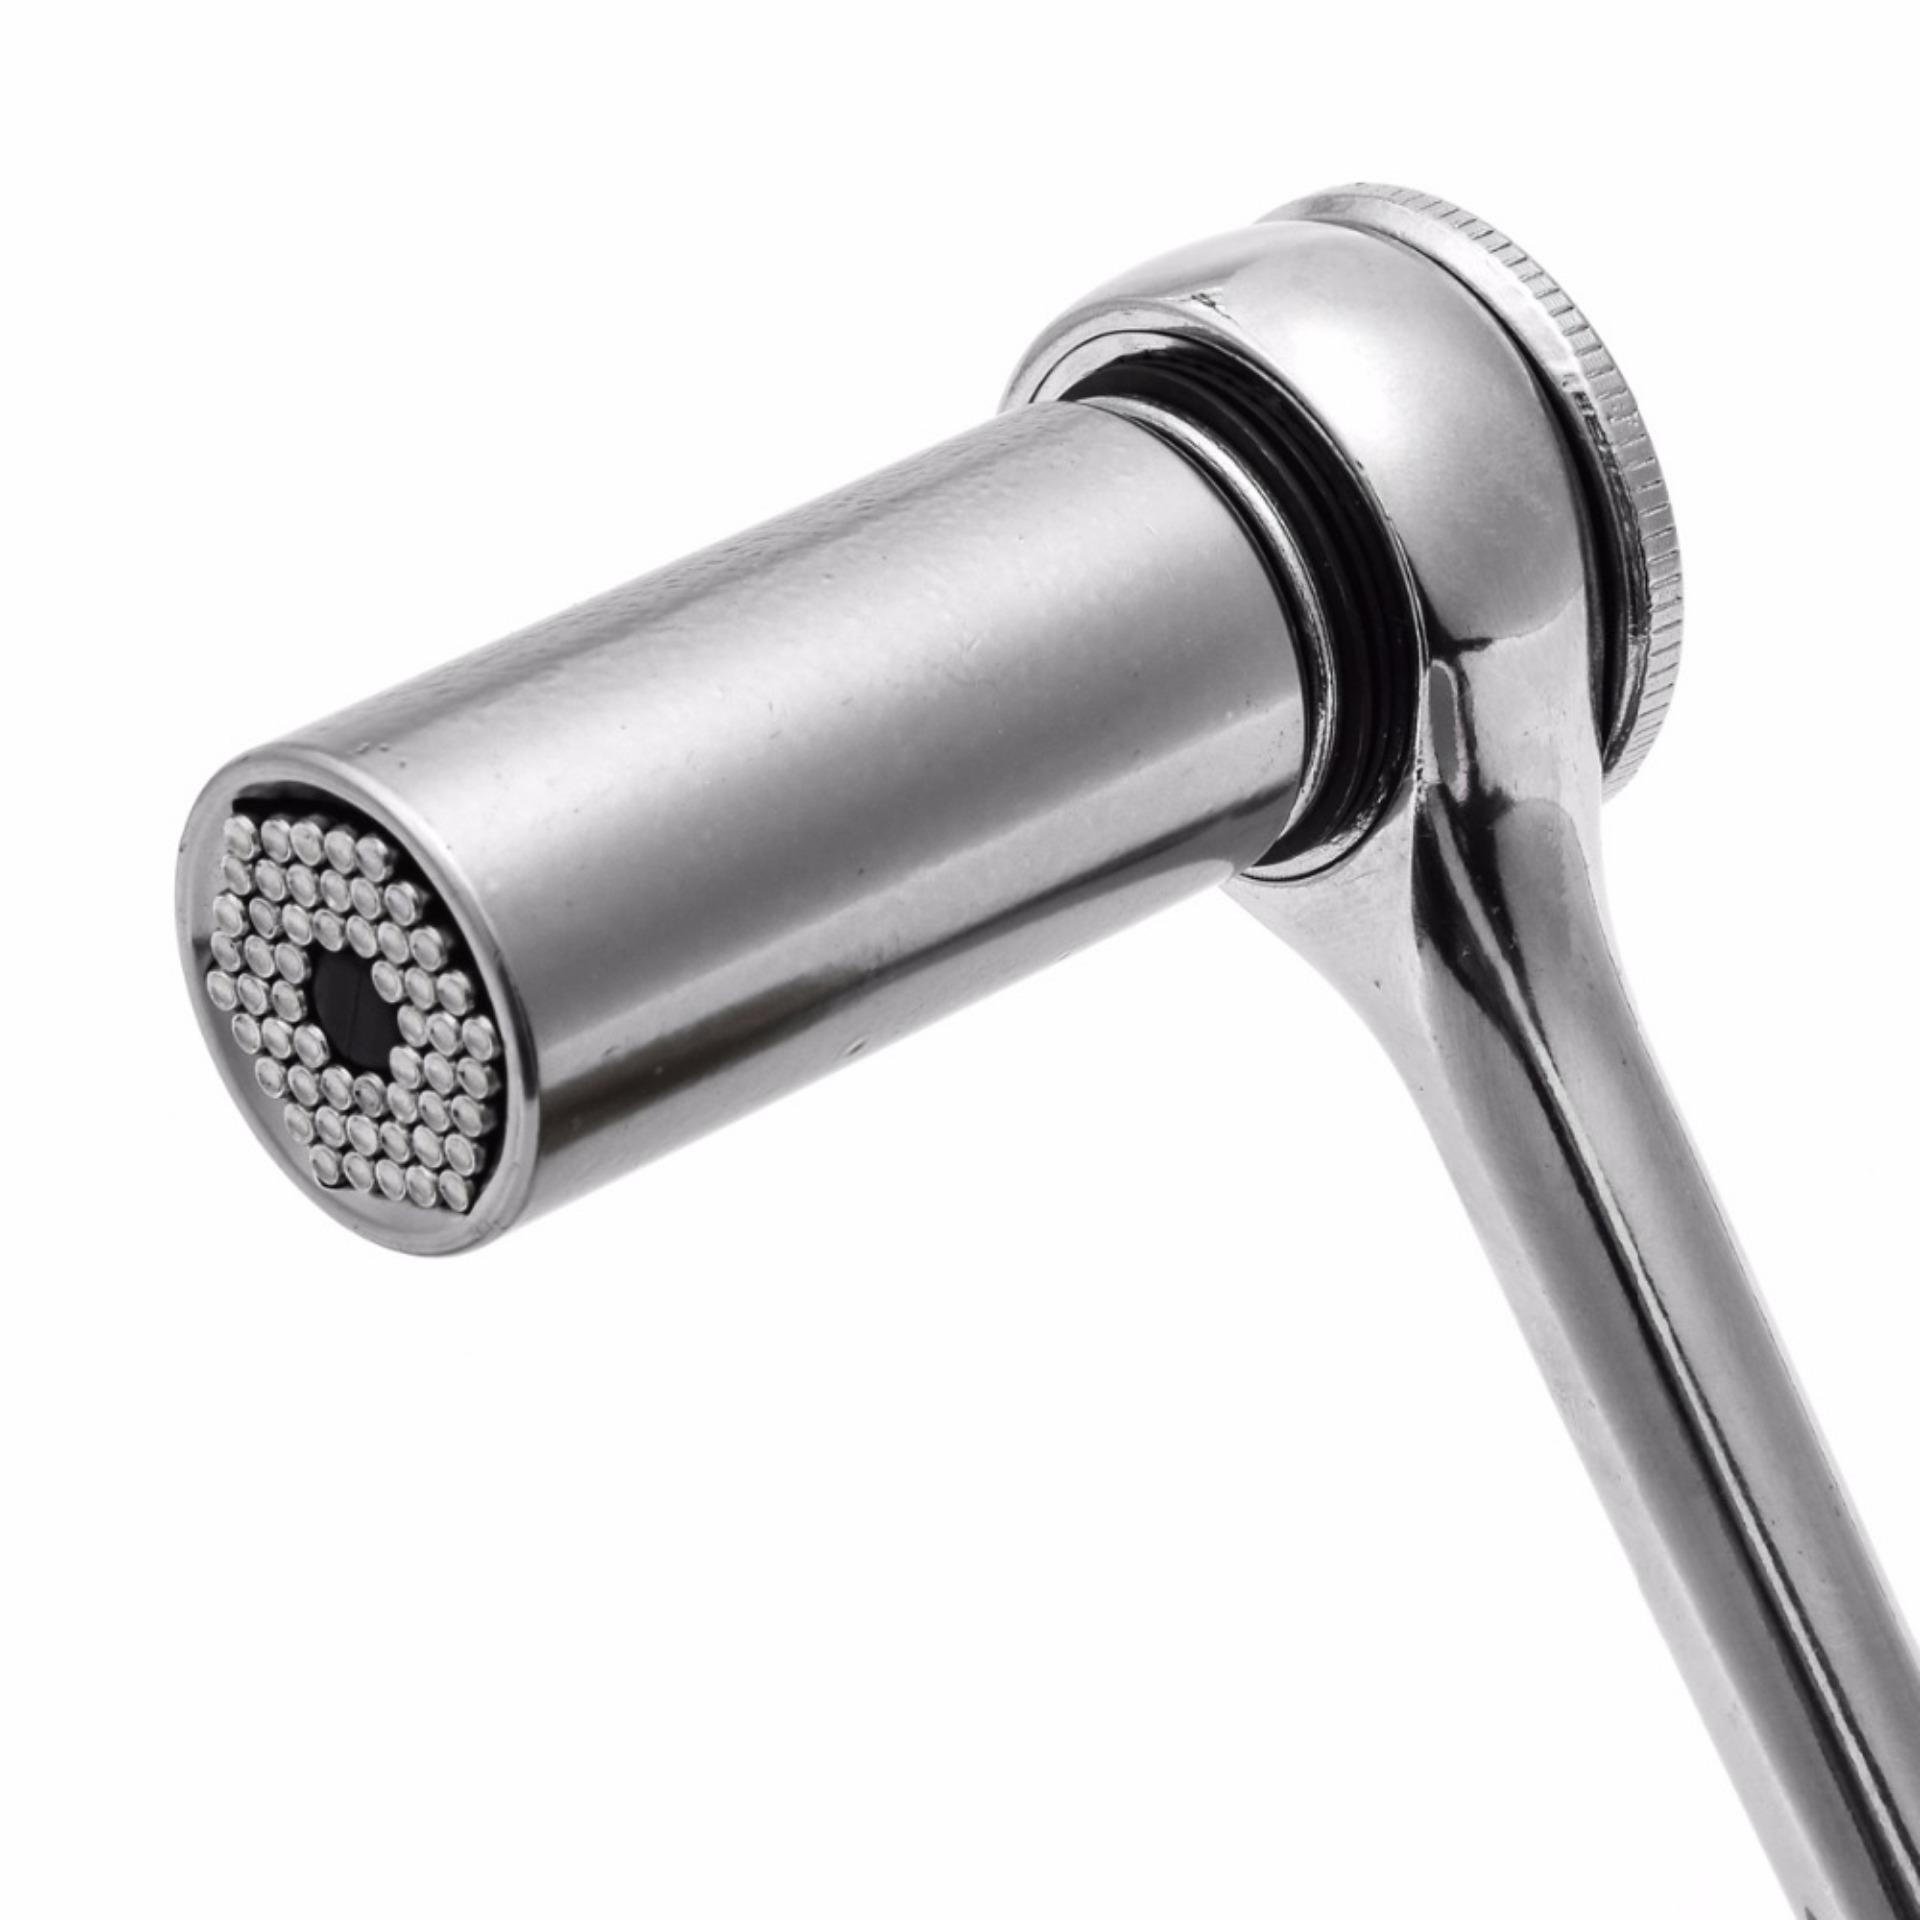 Dụng cụ siết mở ốc vít-Bộ khẩu mở siết ốc giá rẻ 7-19mm